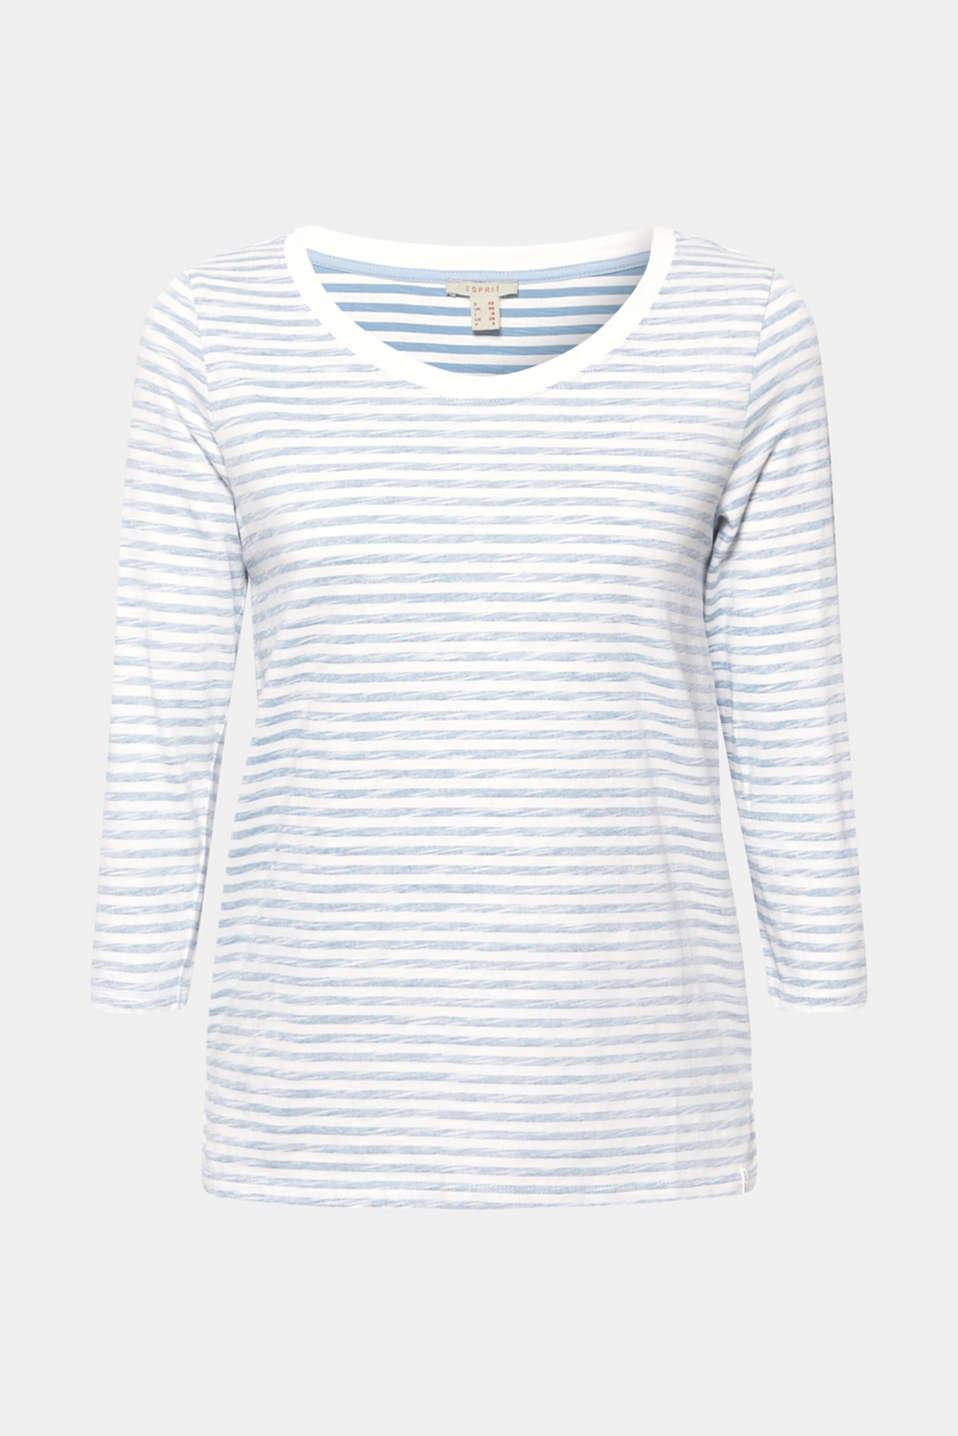 T-Shirts, LIGHT BLUE LAVENDER, detail image number 6